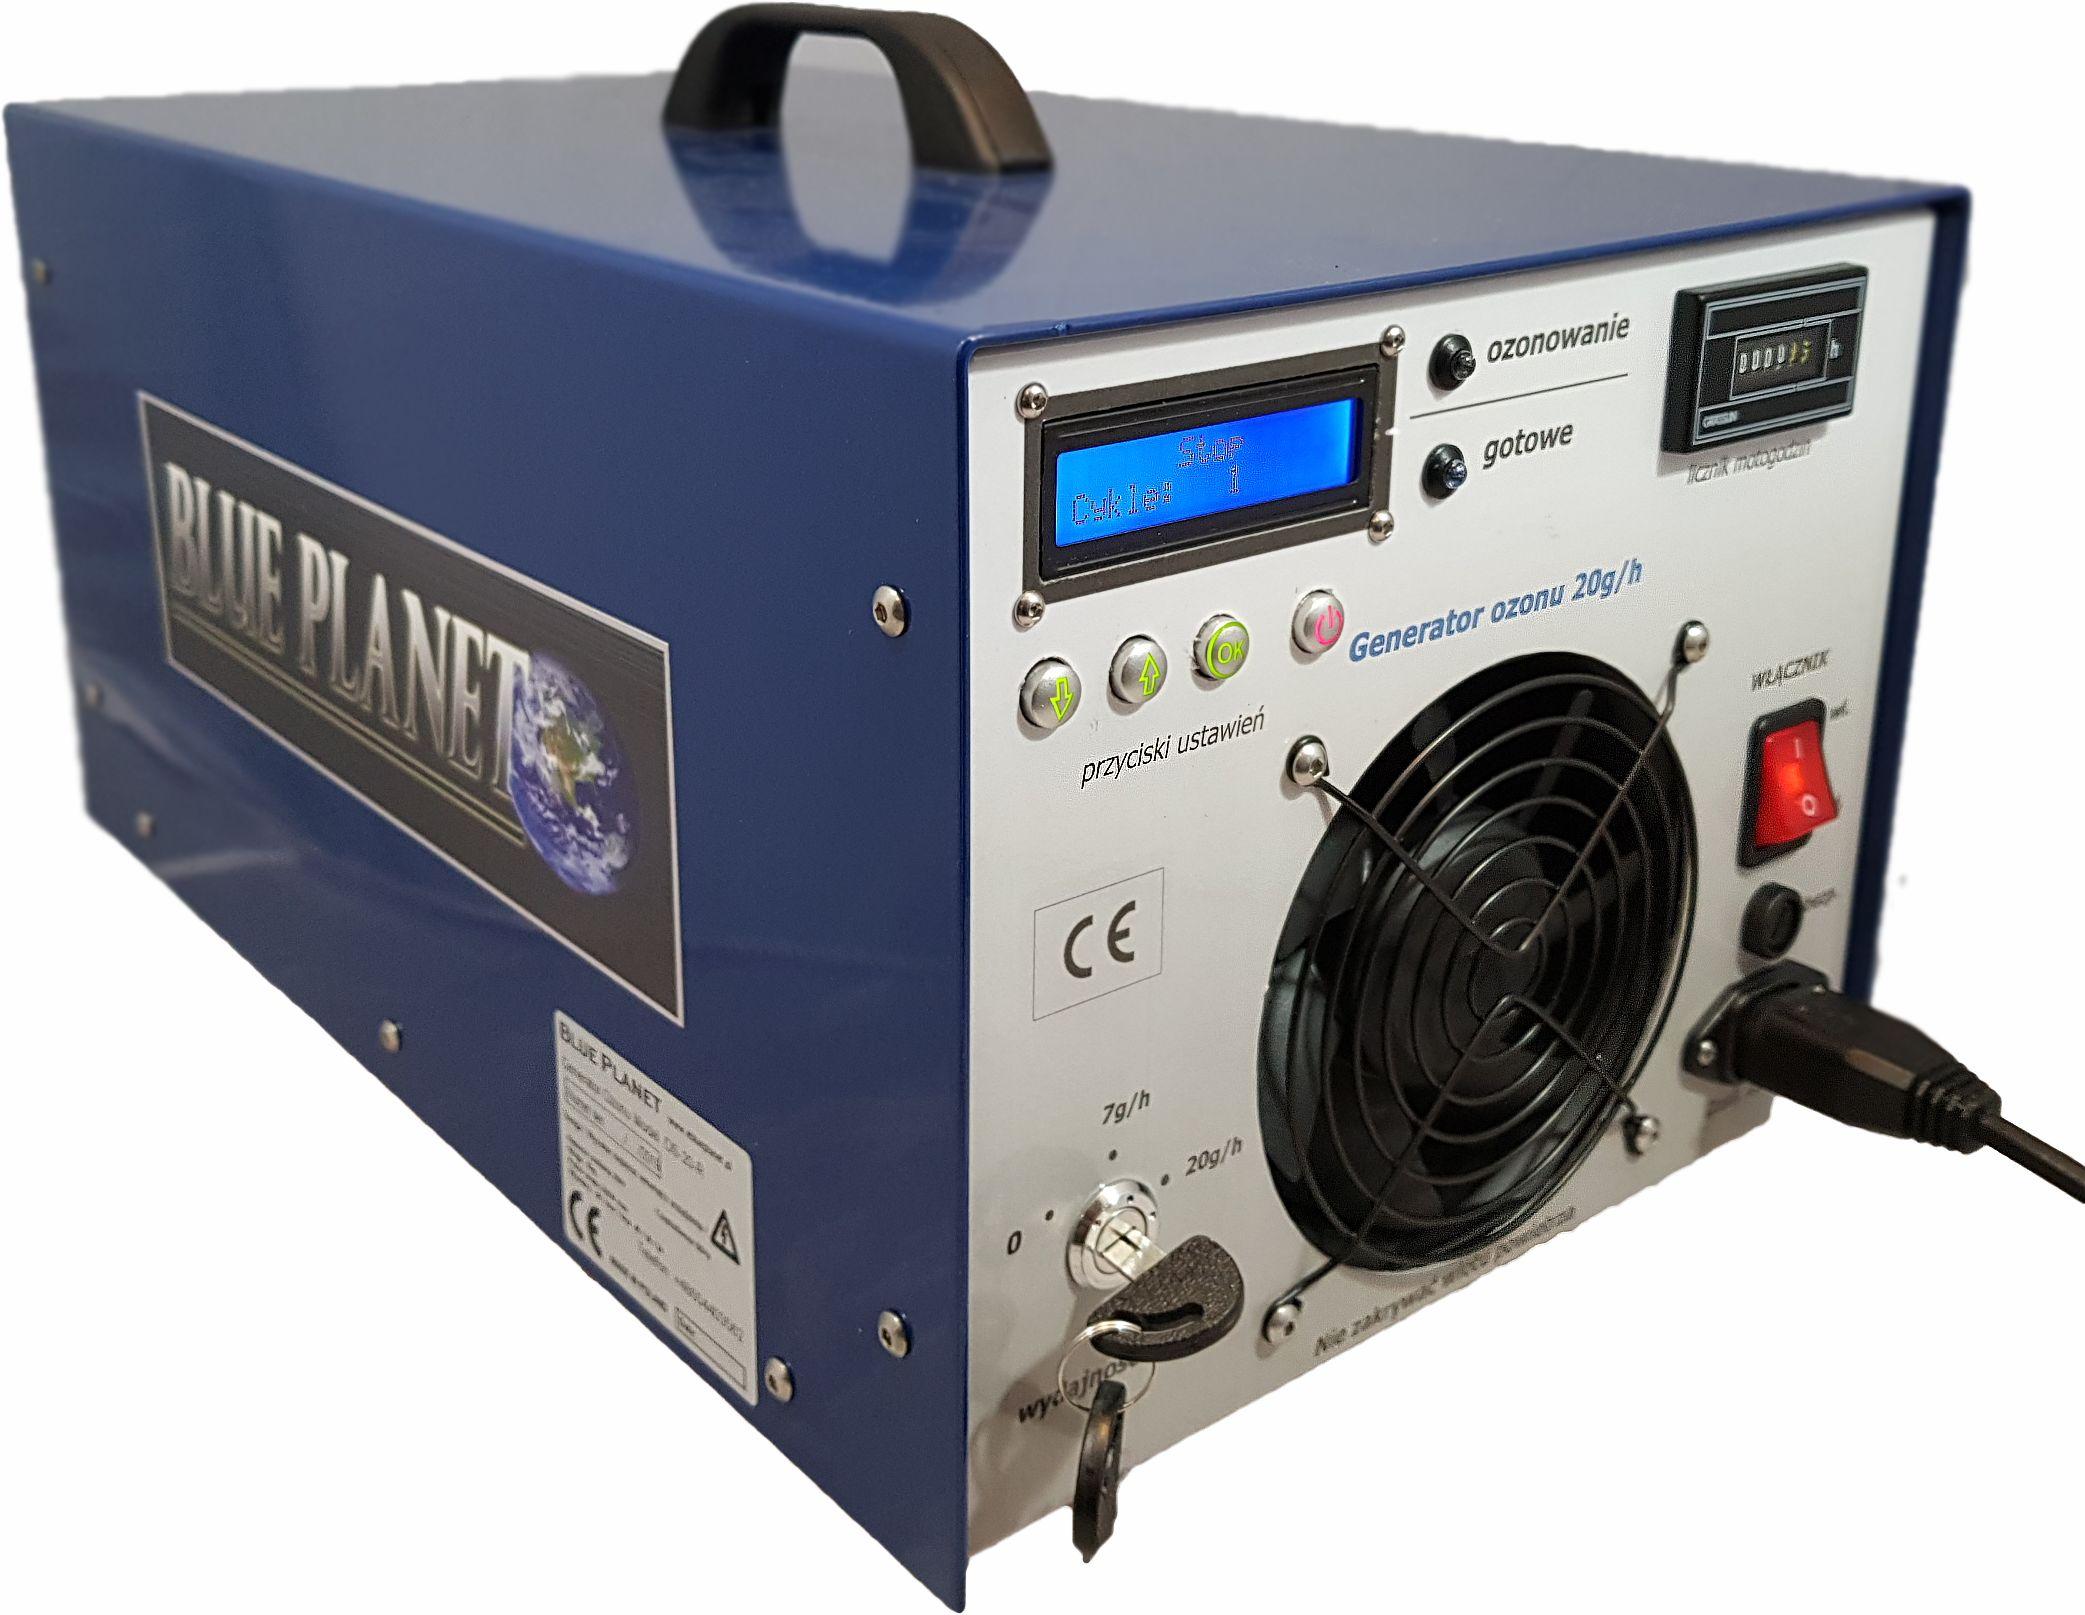 Generator ozonu 46g/h ozonator DS 46 , ozonator profesjonalny, na koronawirusa